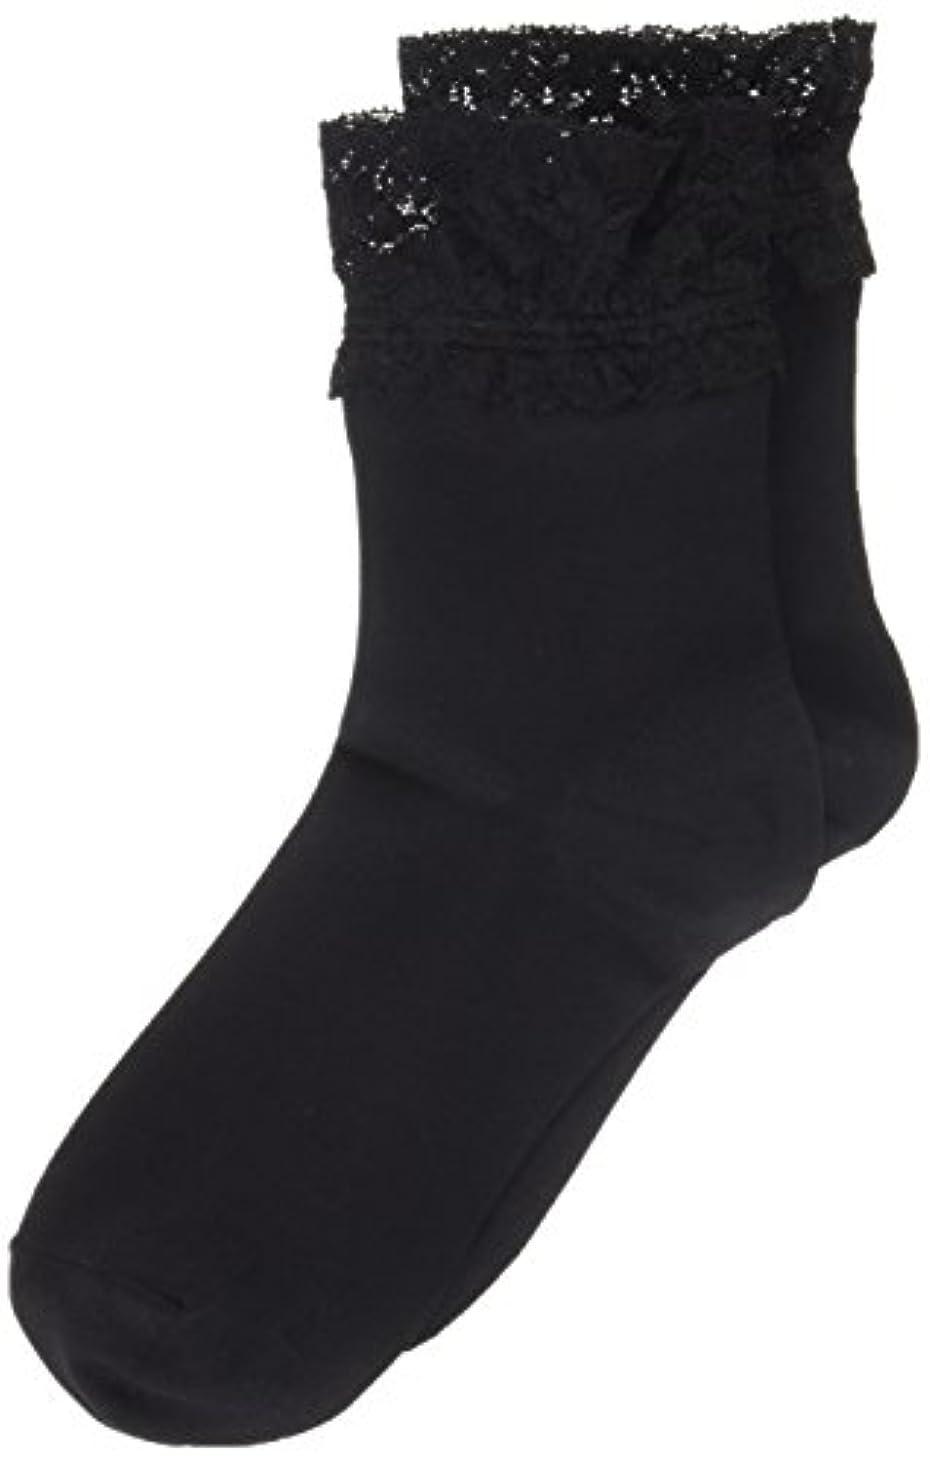 事前慣れる運賃AR0213 ミセススニーカーソックス(婦人靴下) ゆったりはきやすい 22-24cm ブラック